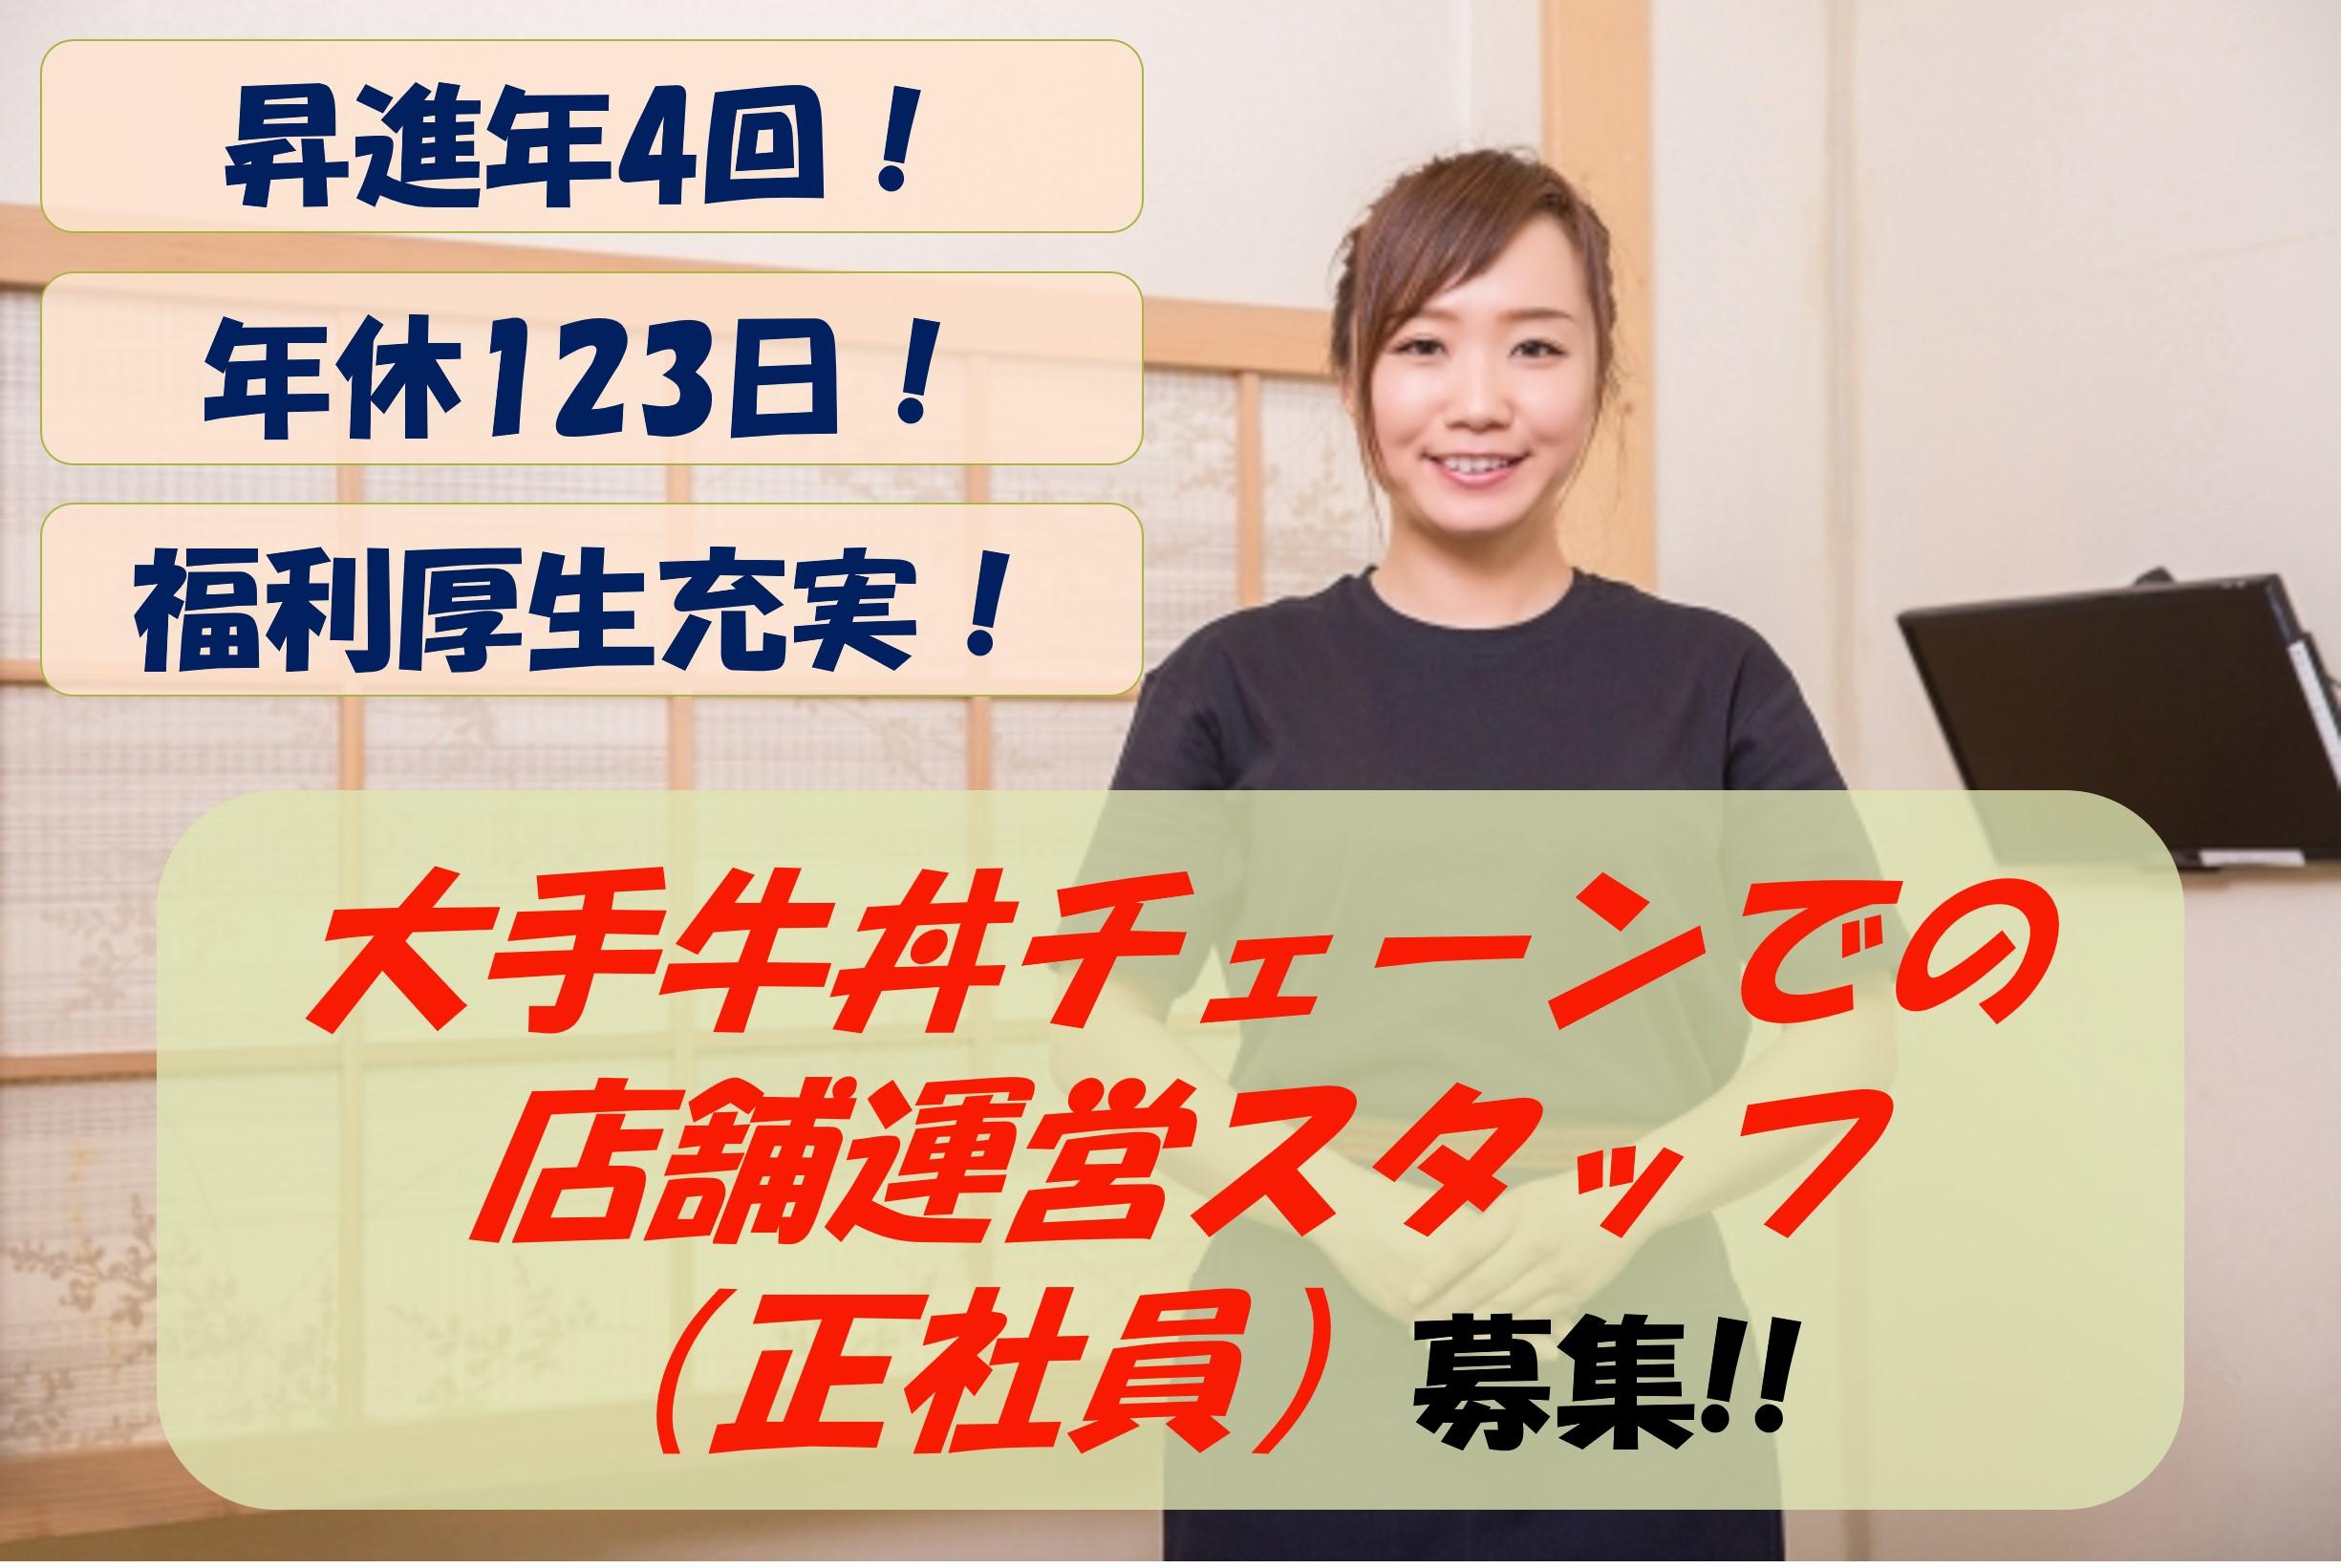 【急募】昇進年4回!キャリアアップを目指せる!店舗運営スタッフ募集 イメージ